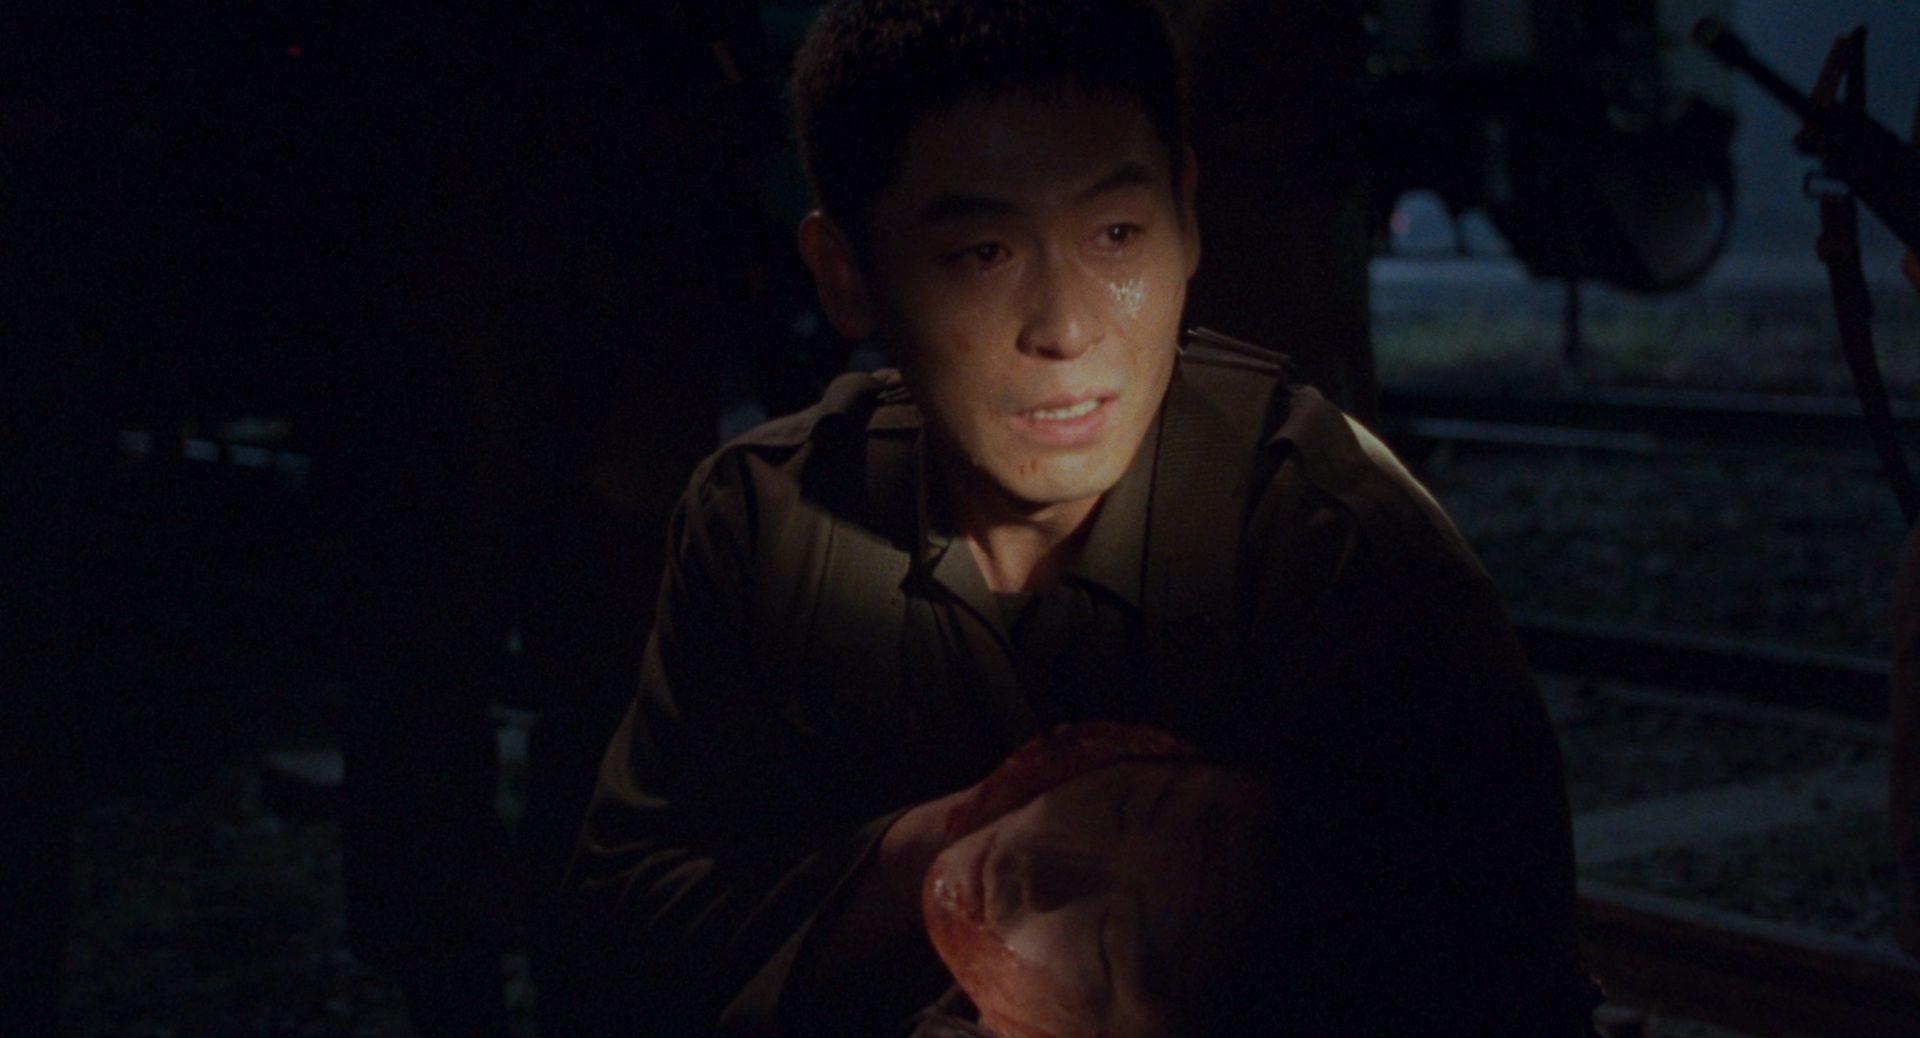 《薄荷糖》影帝薛耿求演技一鳴驚人 竟歸功於導演李滄東的妻子